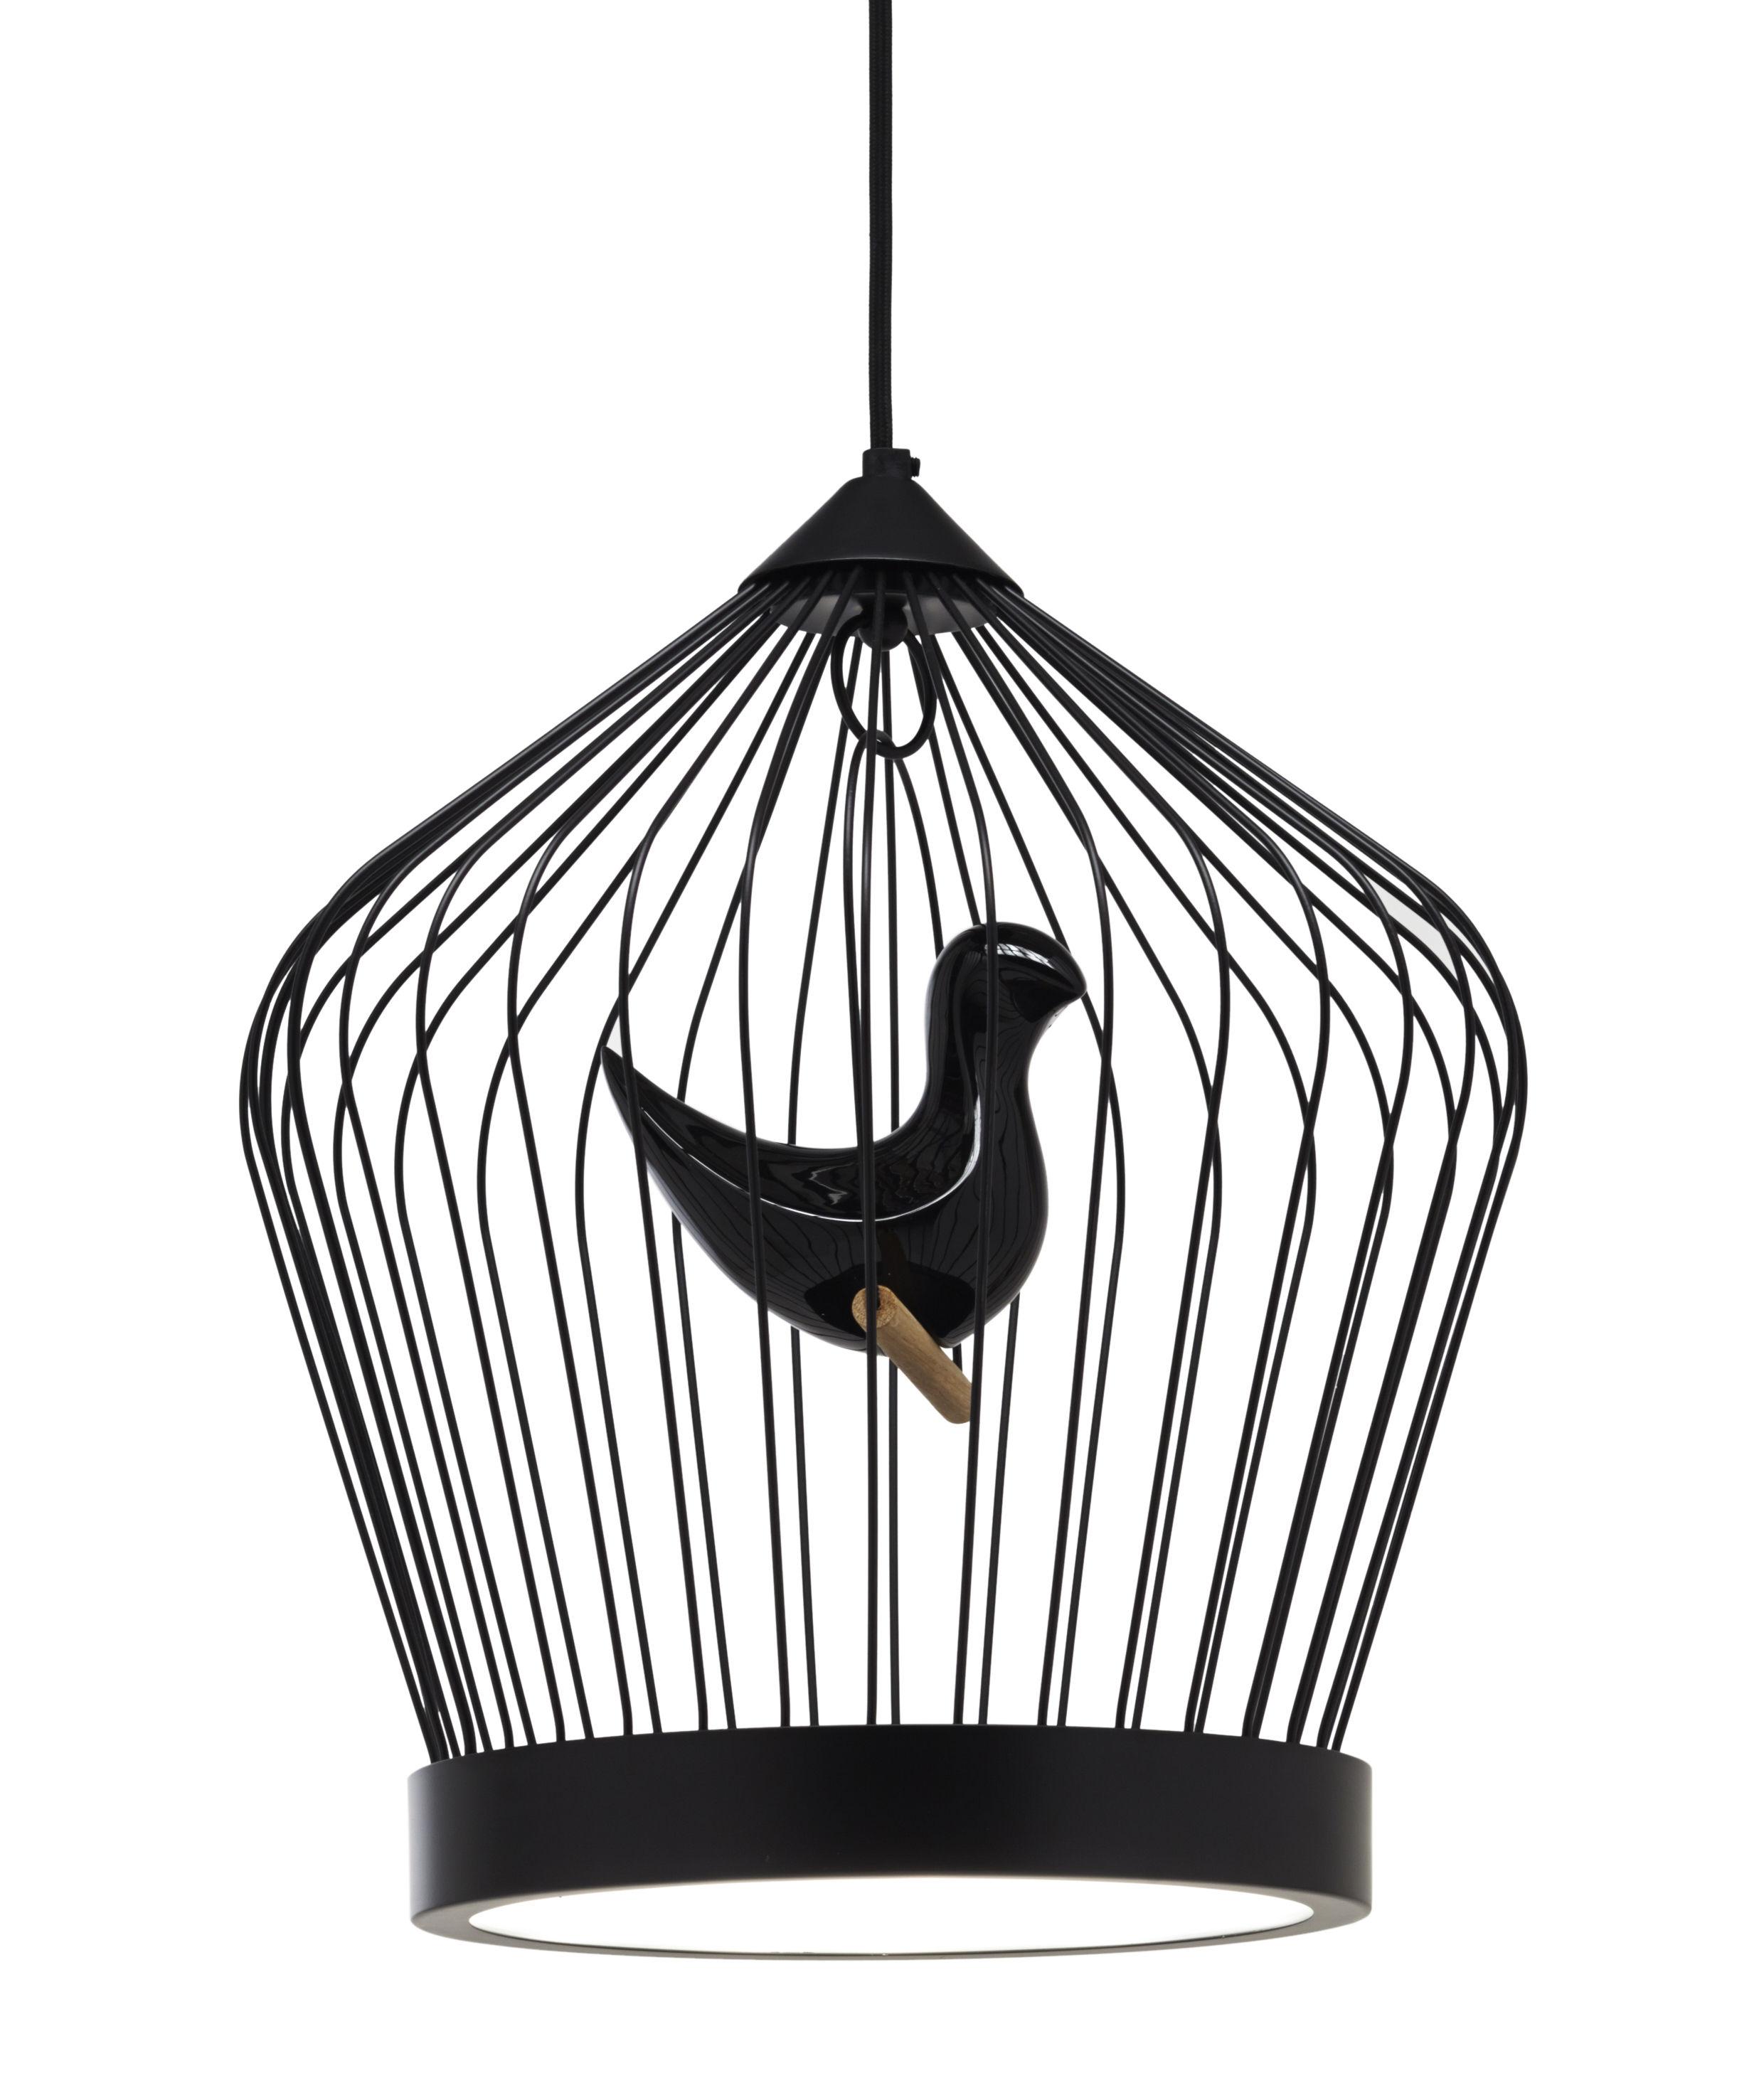 figurine oiseau suppl mentaire pour suspension twee t large oiseau suppl mentaire noir. Black Bedroom Furniture Sets. Home Design Ideas